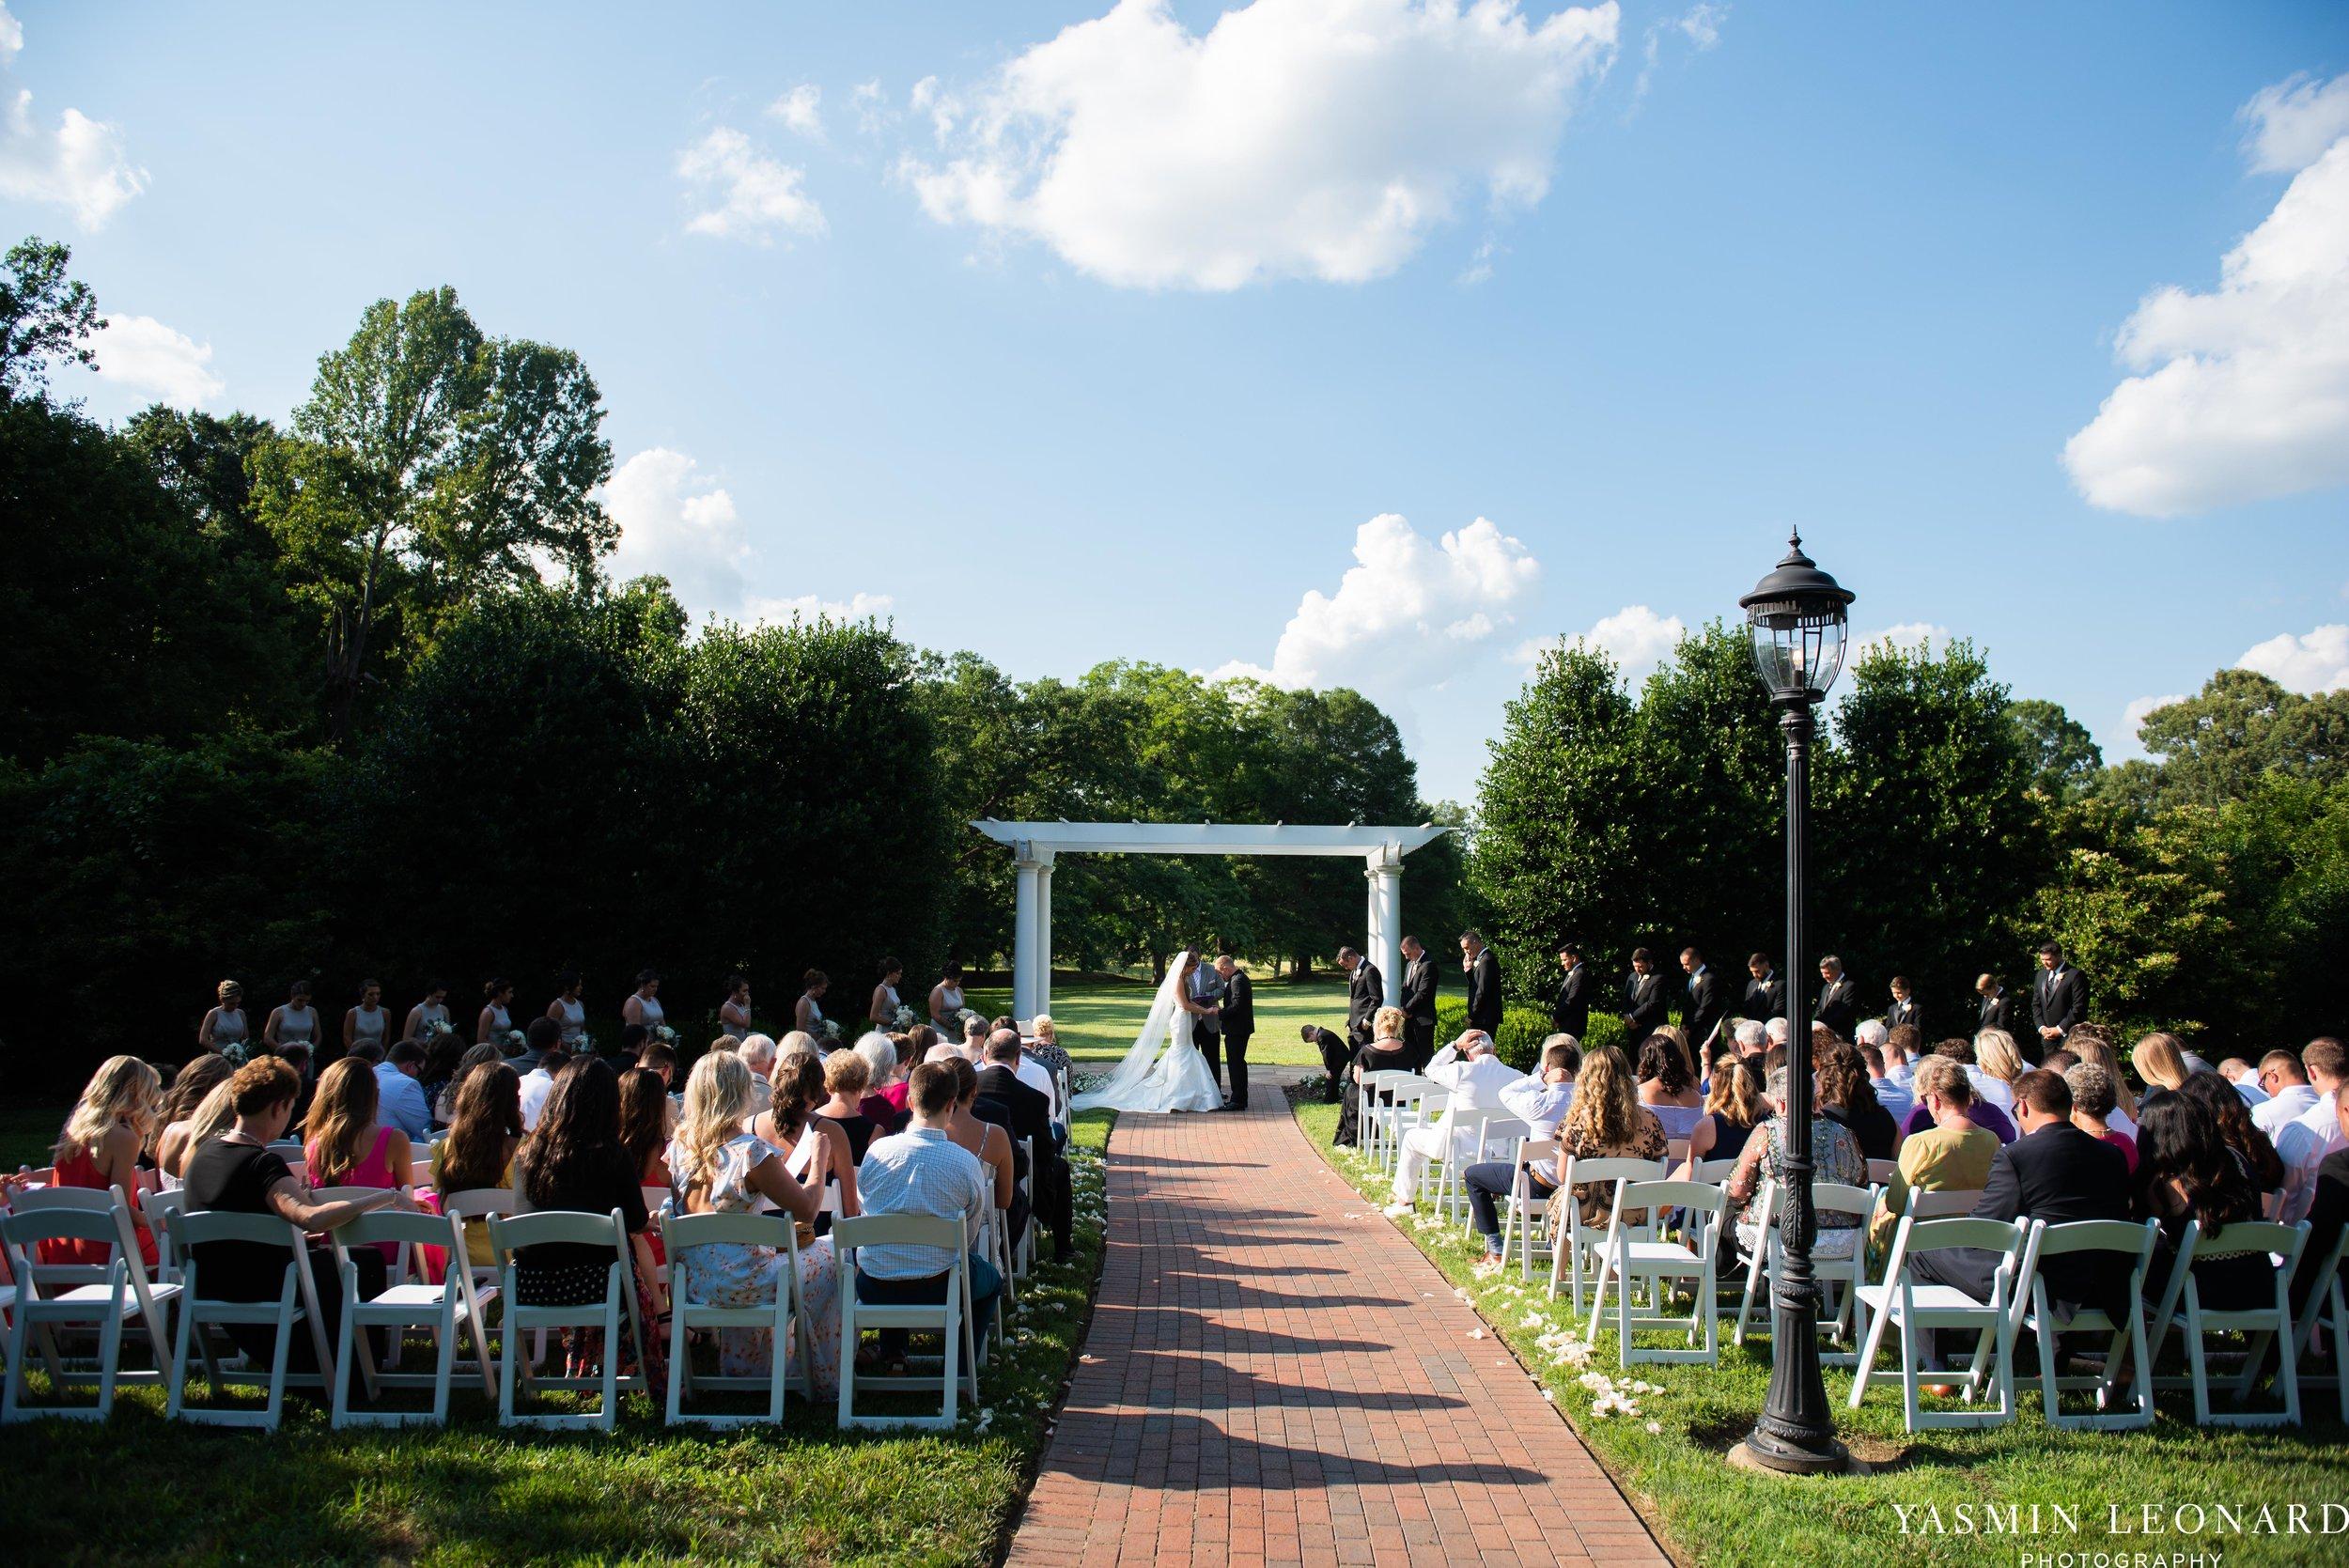 Boxwood Estate - Boxwood Estate Wedding - Luxury Wedding - Black and White Wedding - NC Wedding Venues - NC Weddings - NC Photographer - Lantern Release Grand Exit - Large Wedding Party - Yasmin Leonard Photography-29.jpg